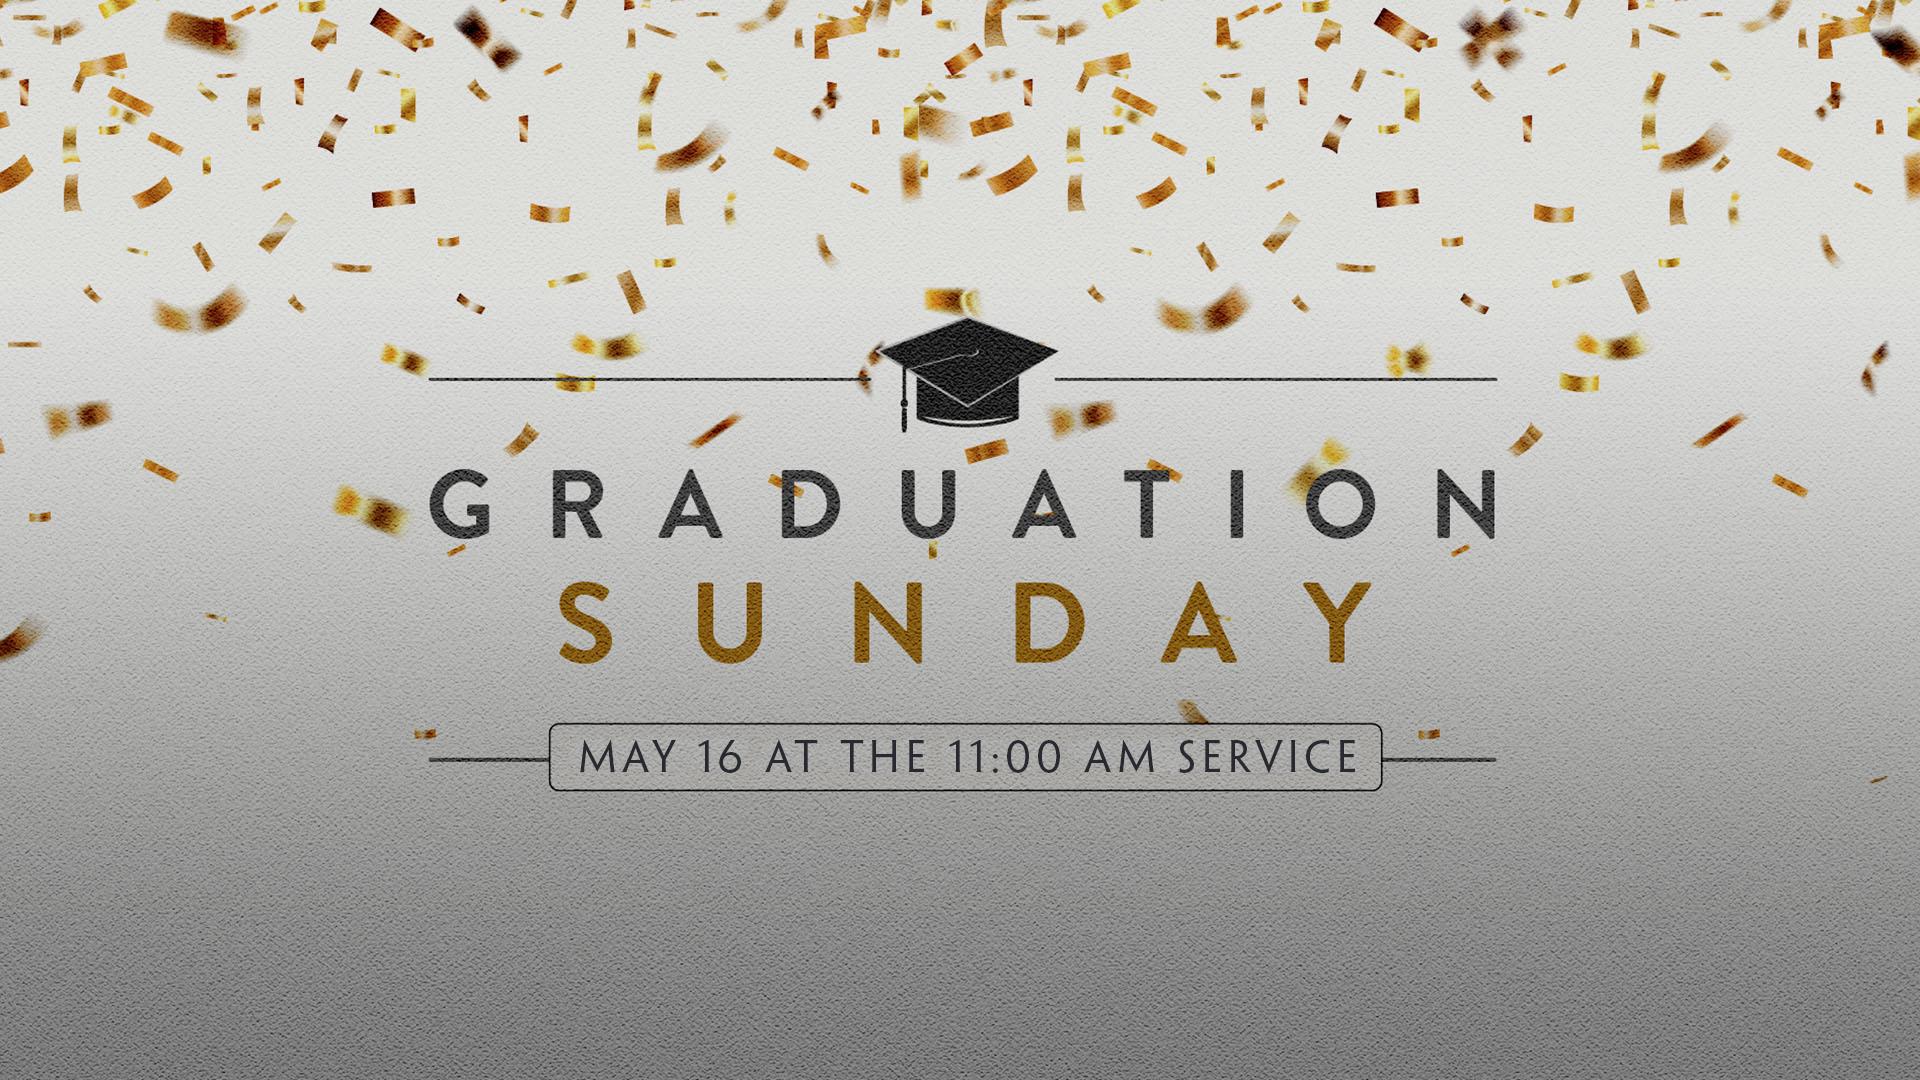 Graduation-Sunday-2021